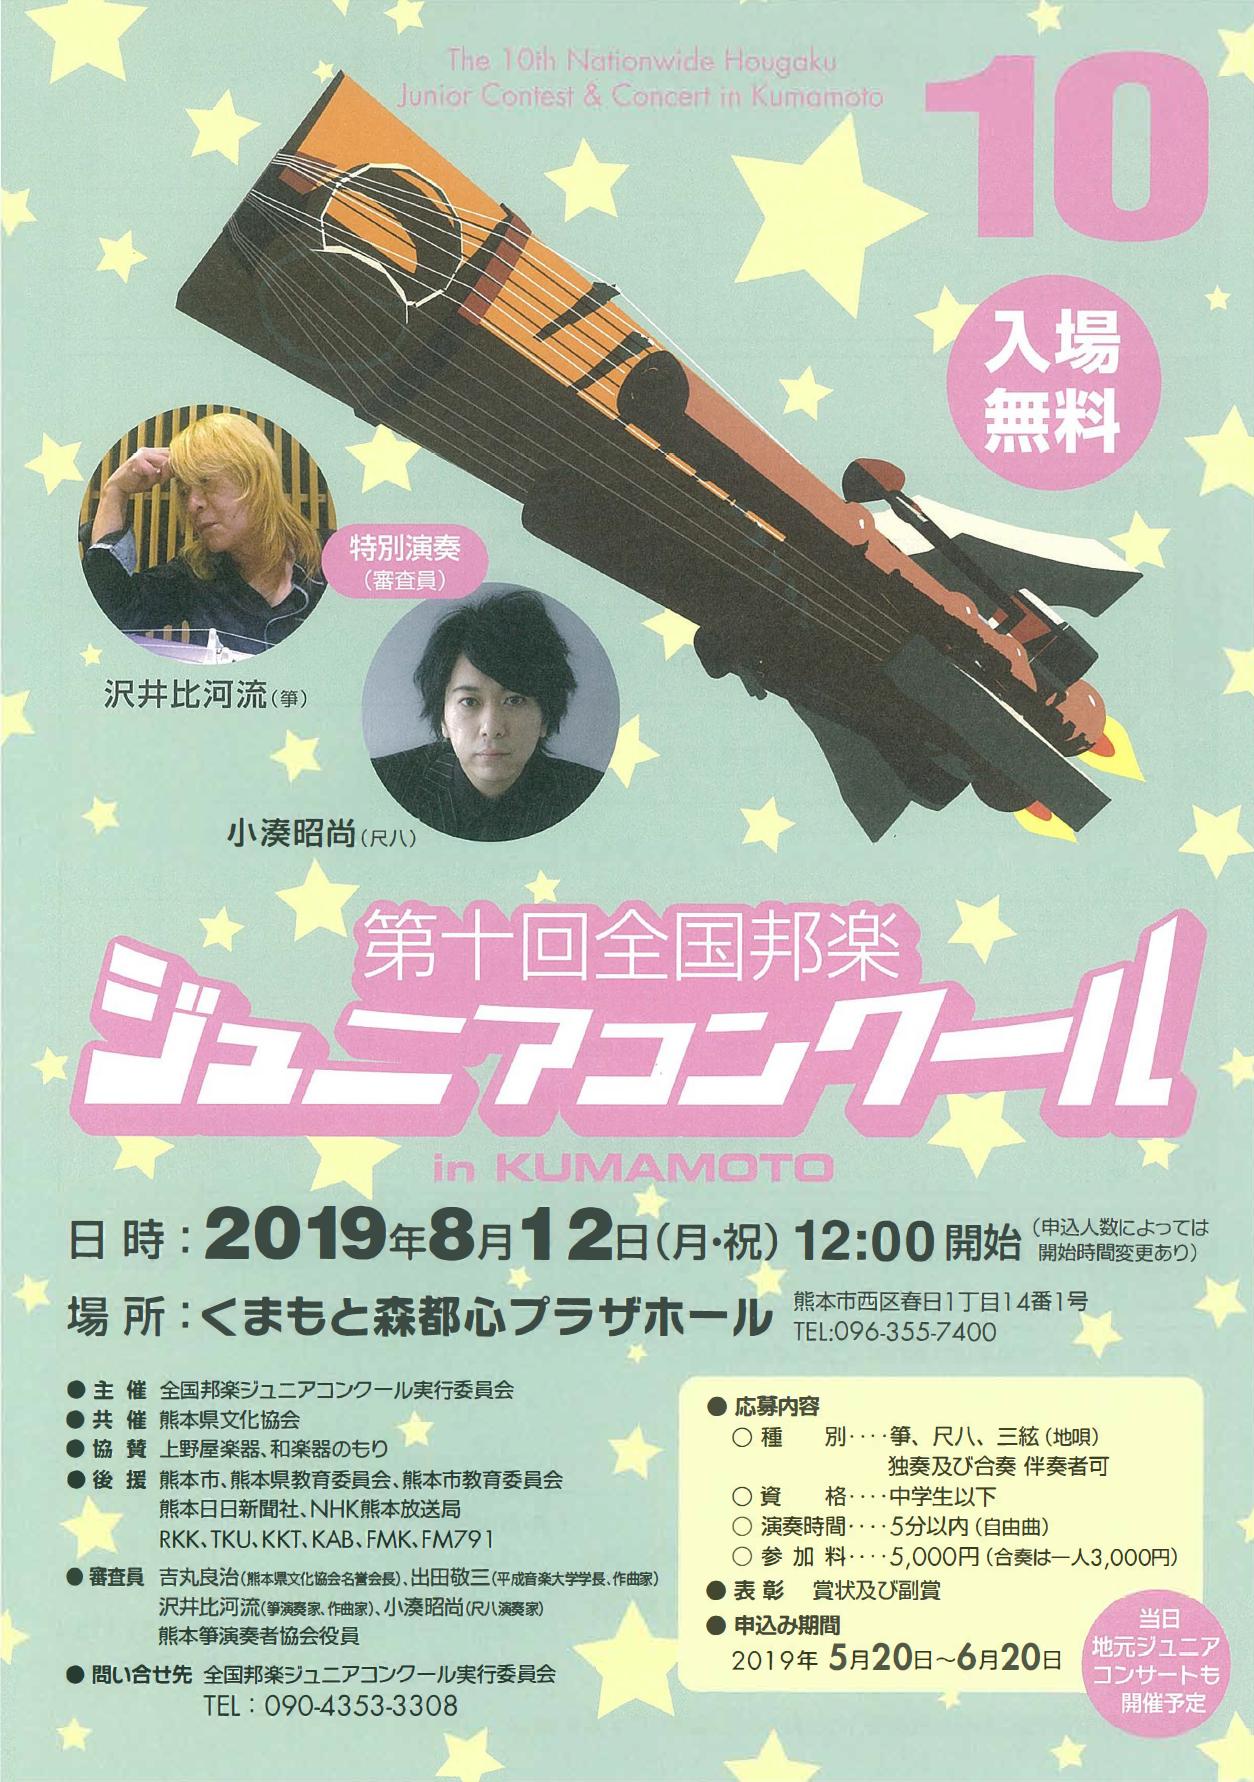 第十回全国邦楽ジュニアコンクール in KUMAMOTO